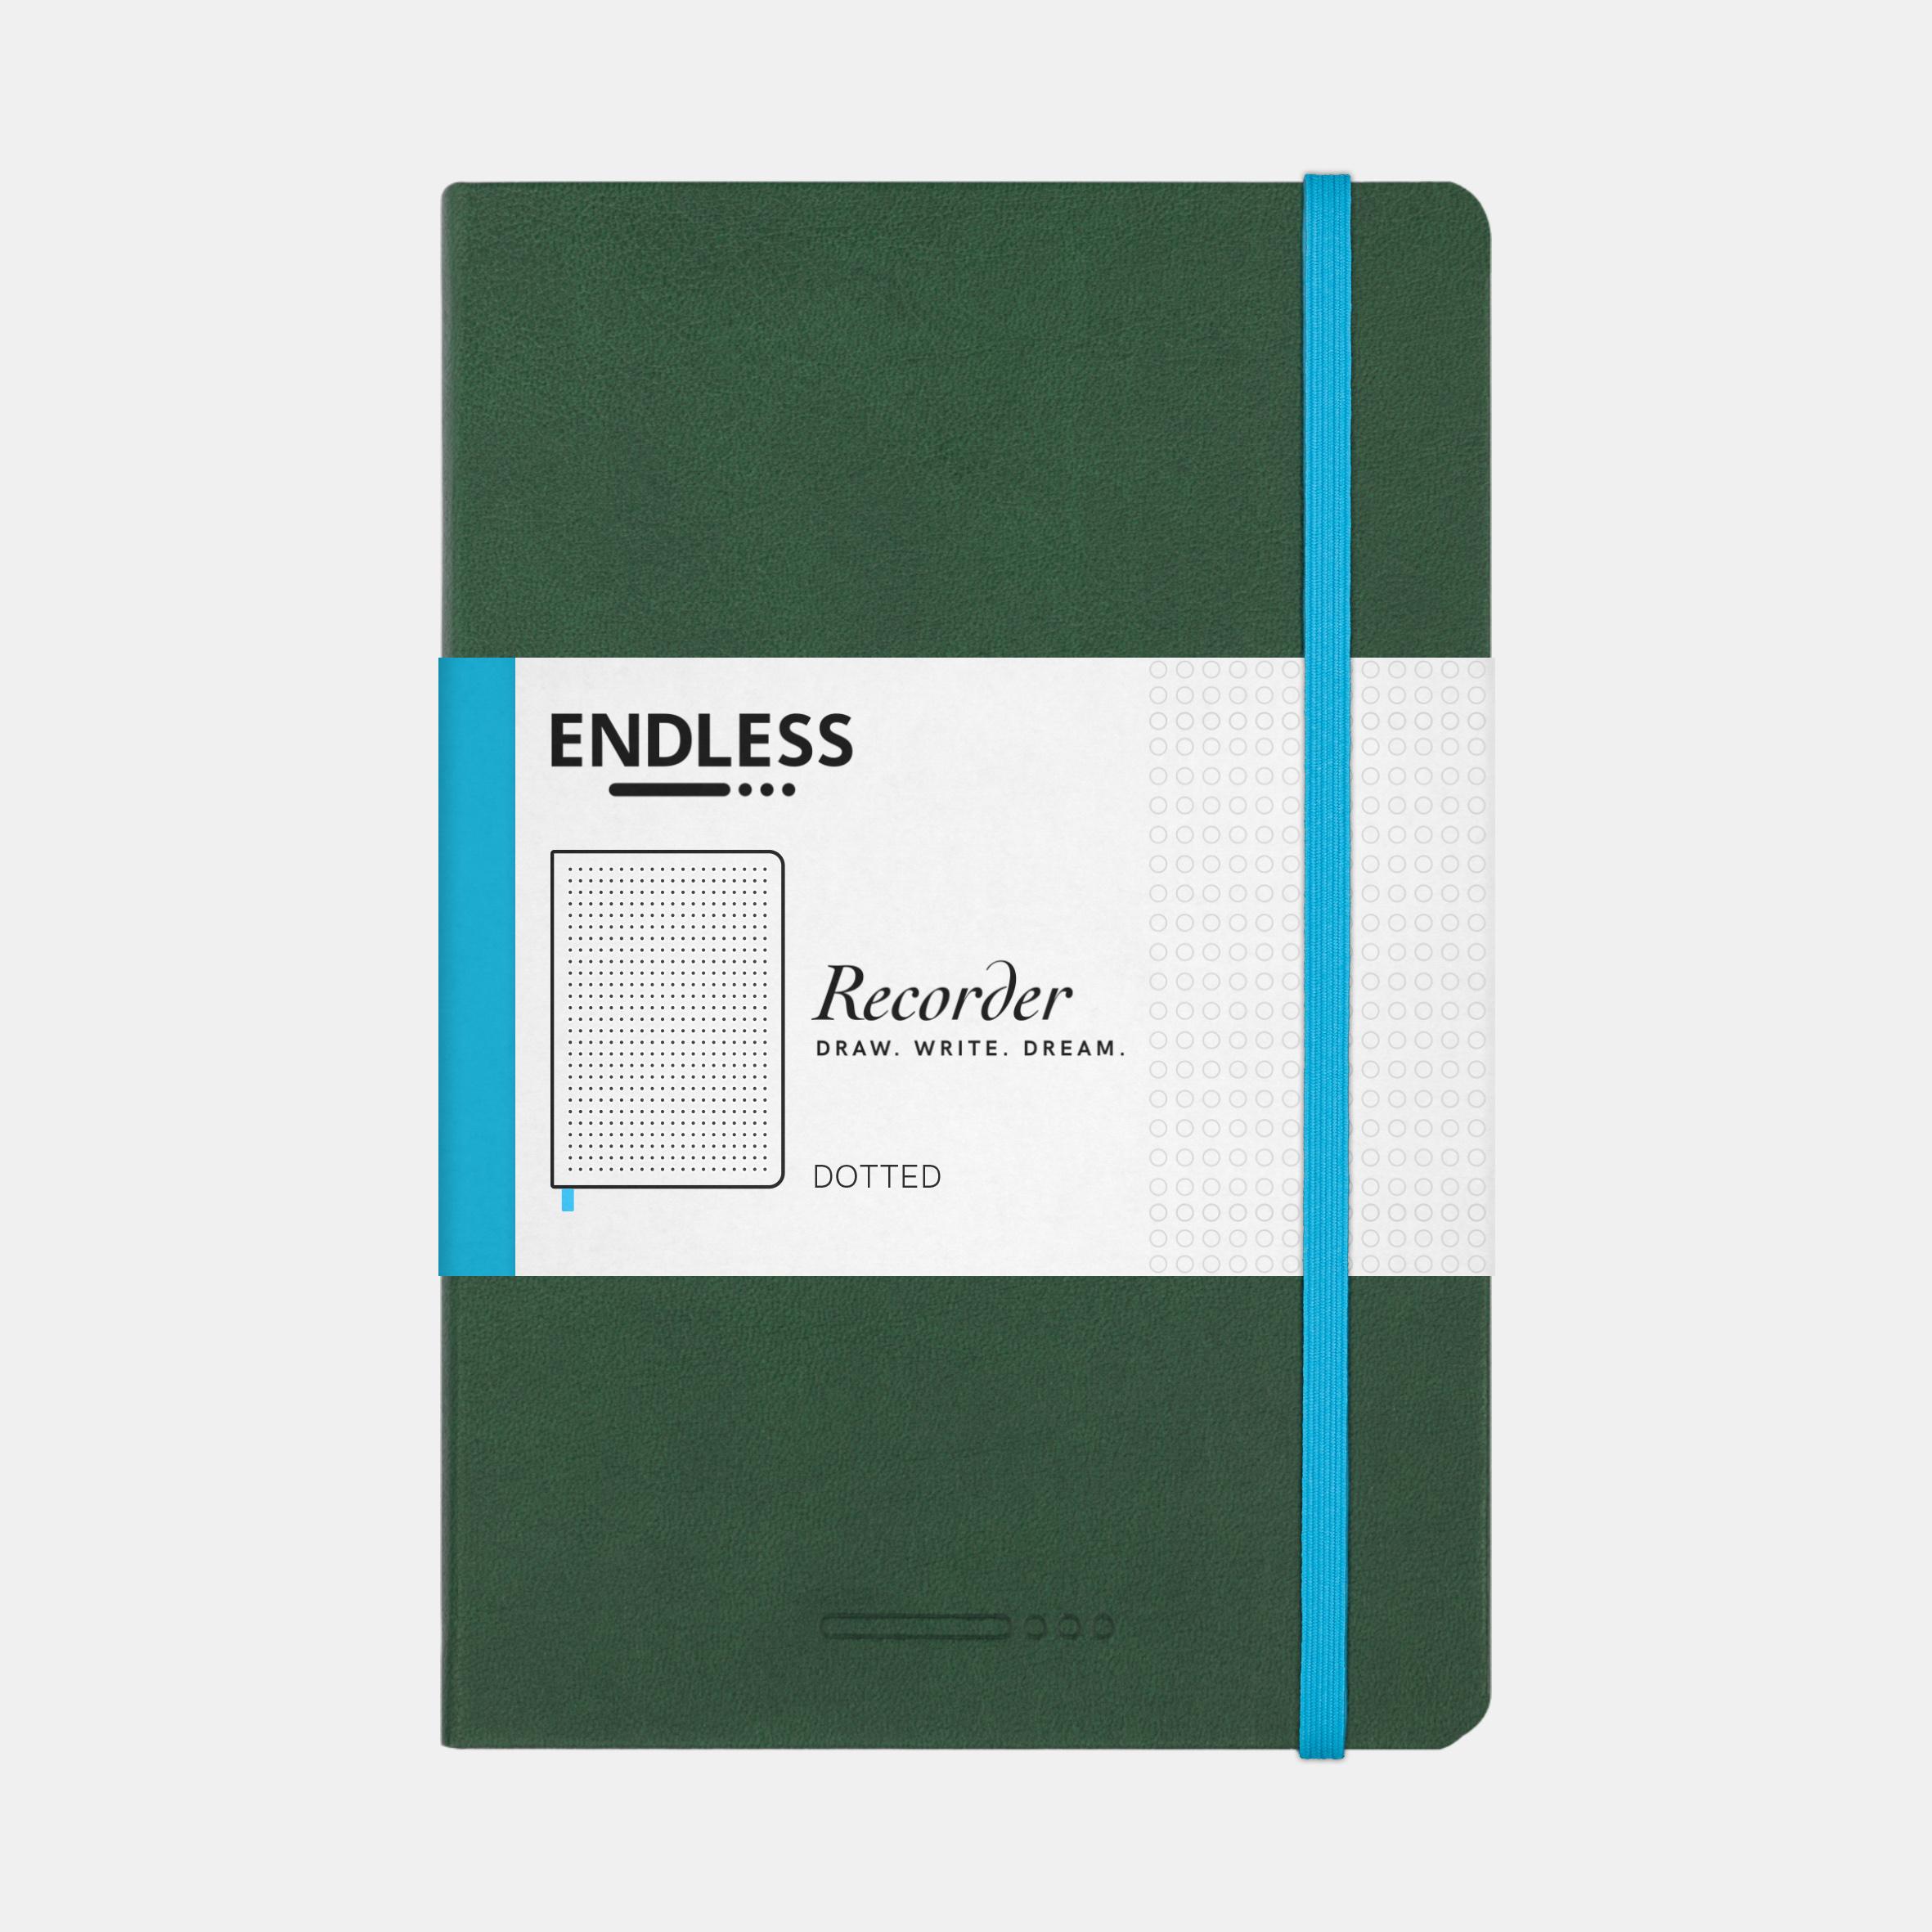 Endless Recorder Notebook Green Dot